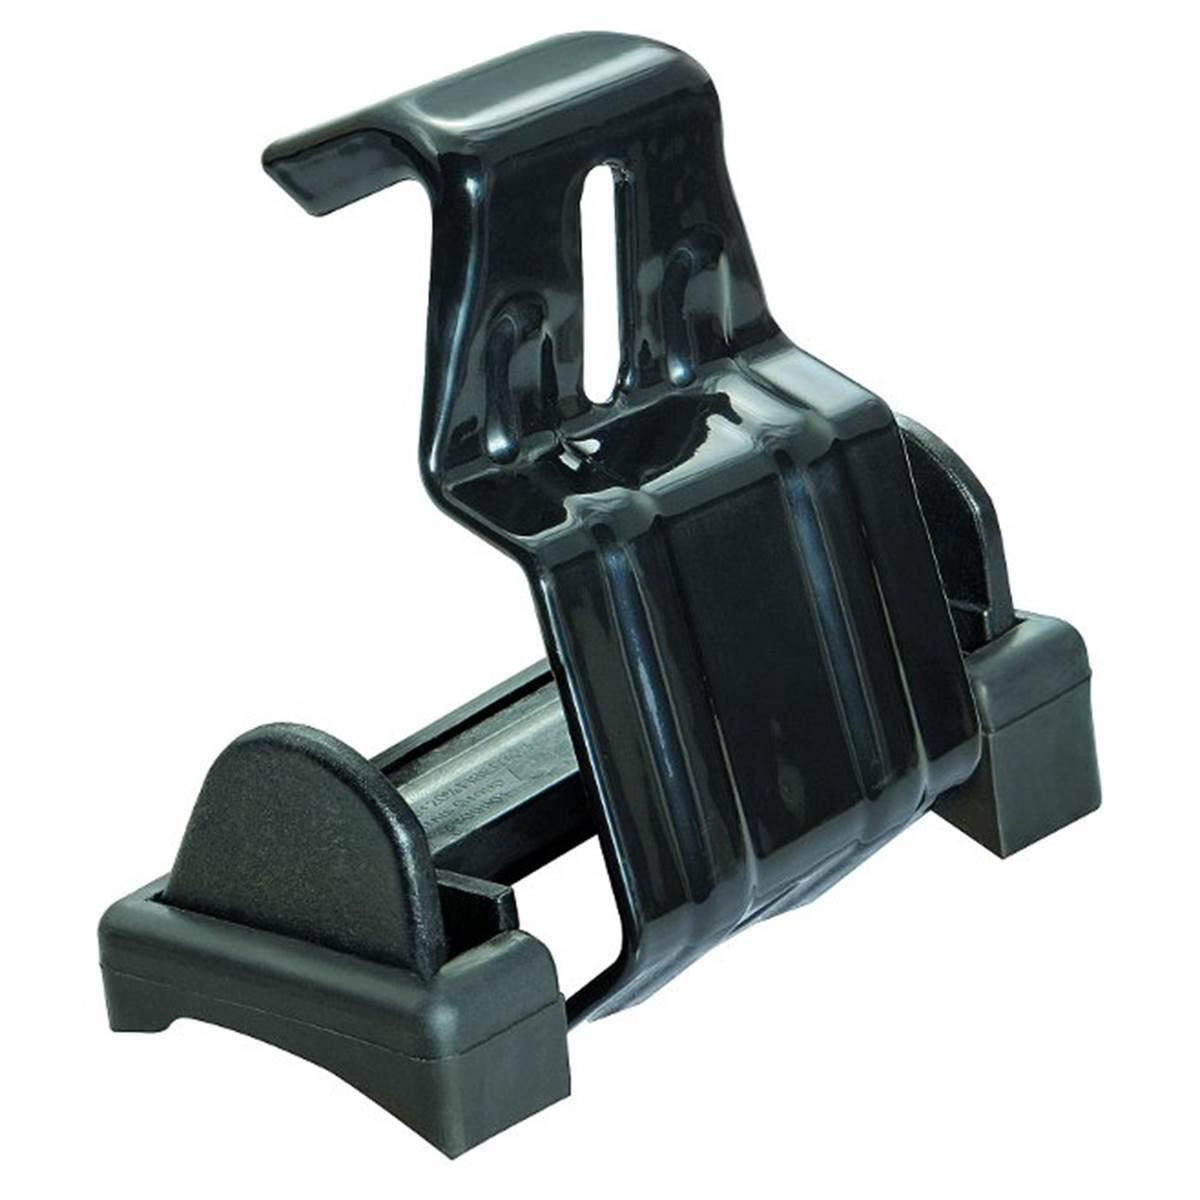 4 Fixations K234 Feu Vert - Portage en kit